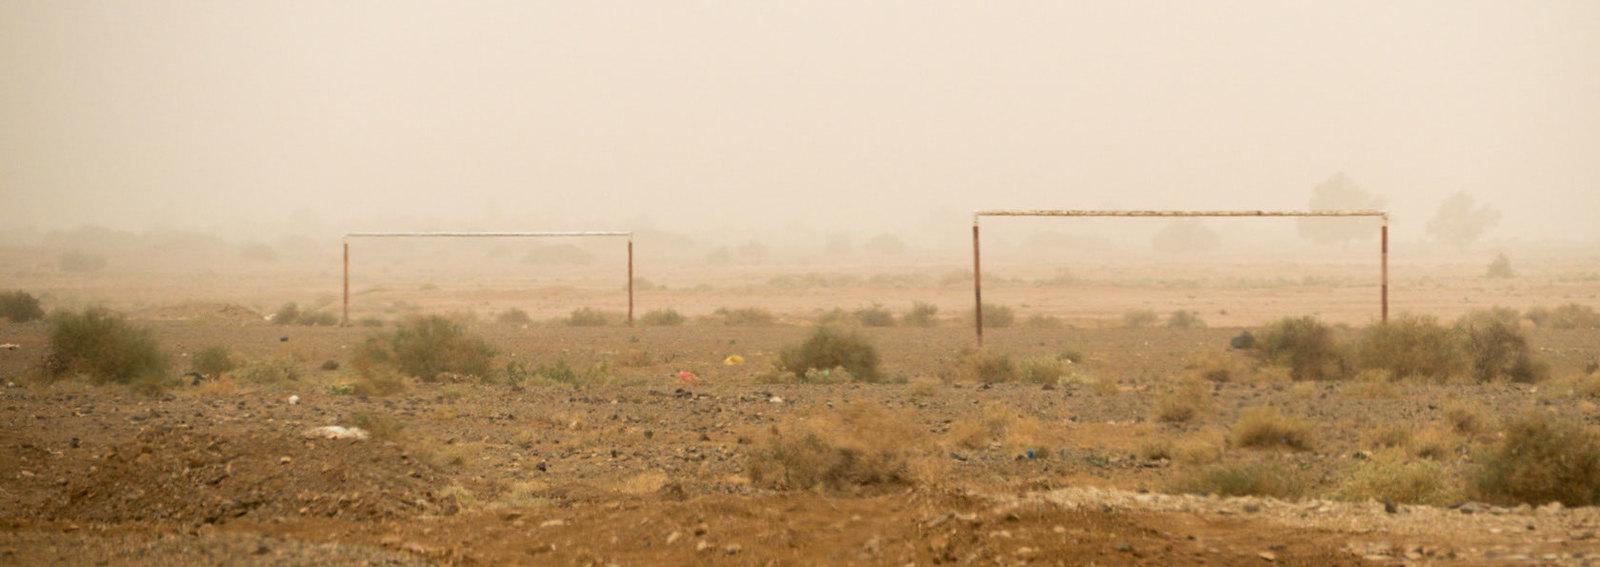 woestijn voetbal | by GJ B&W